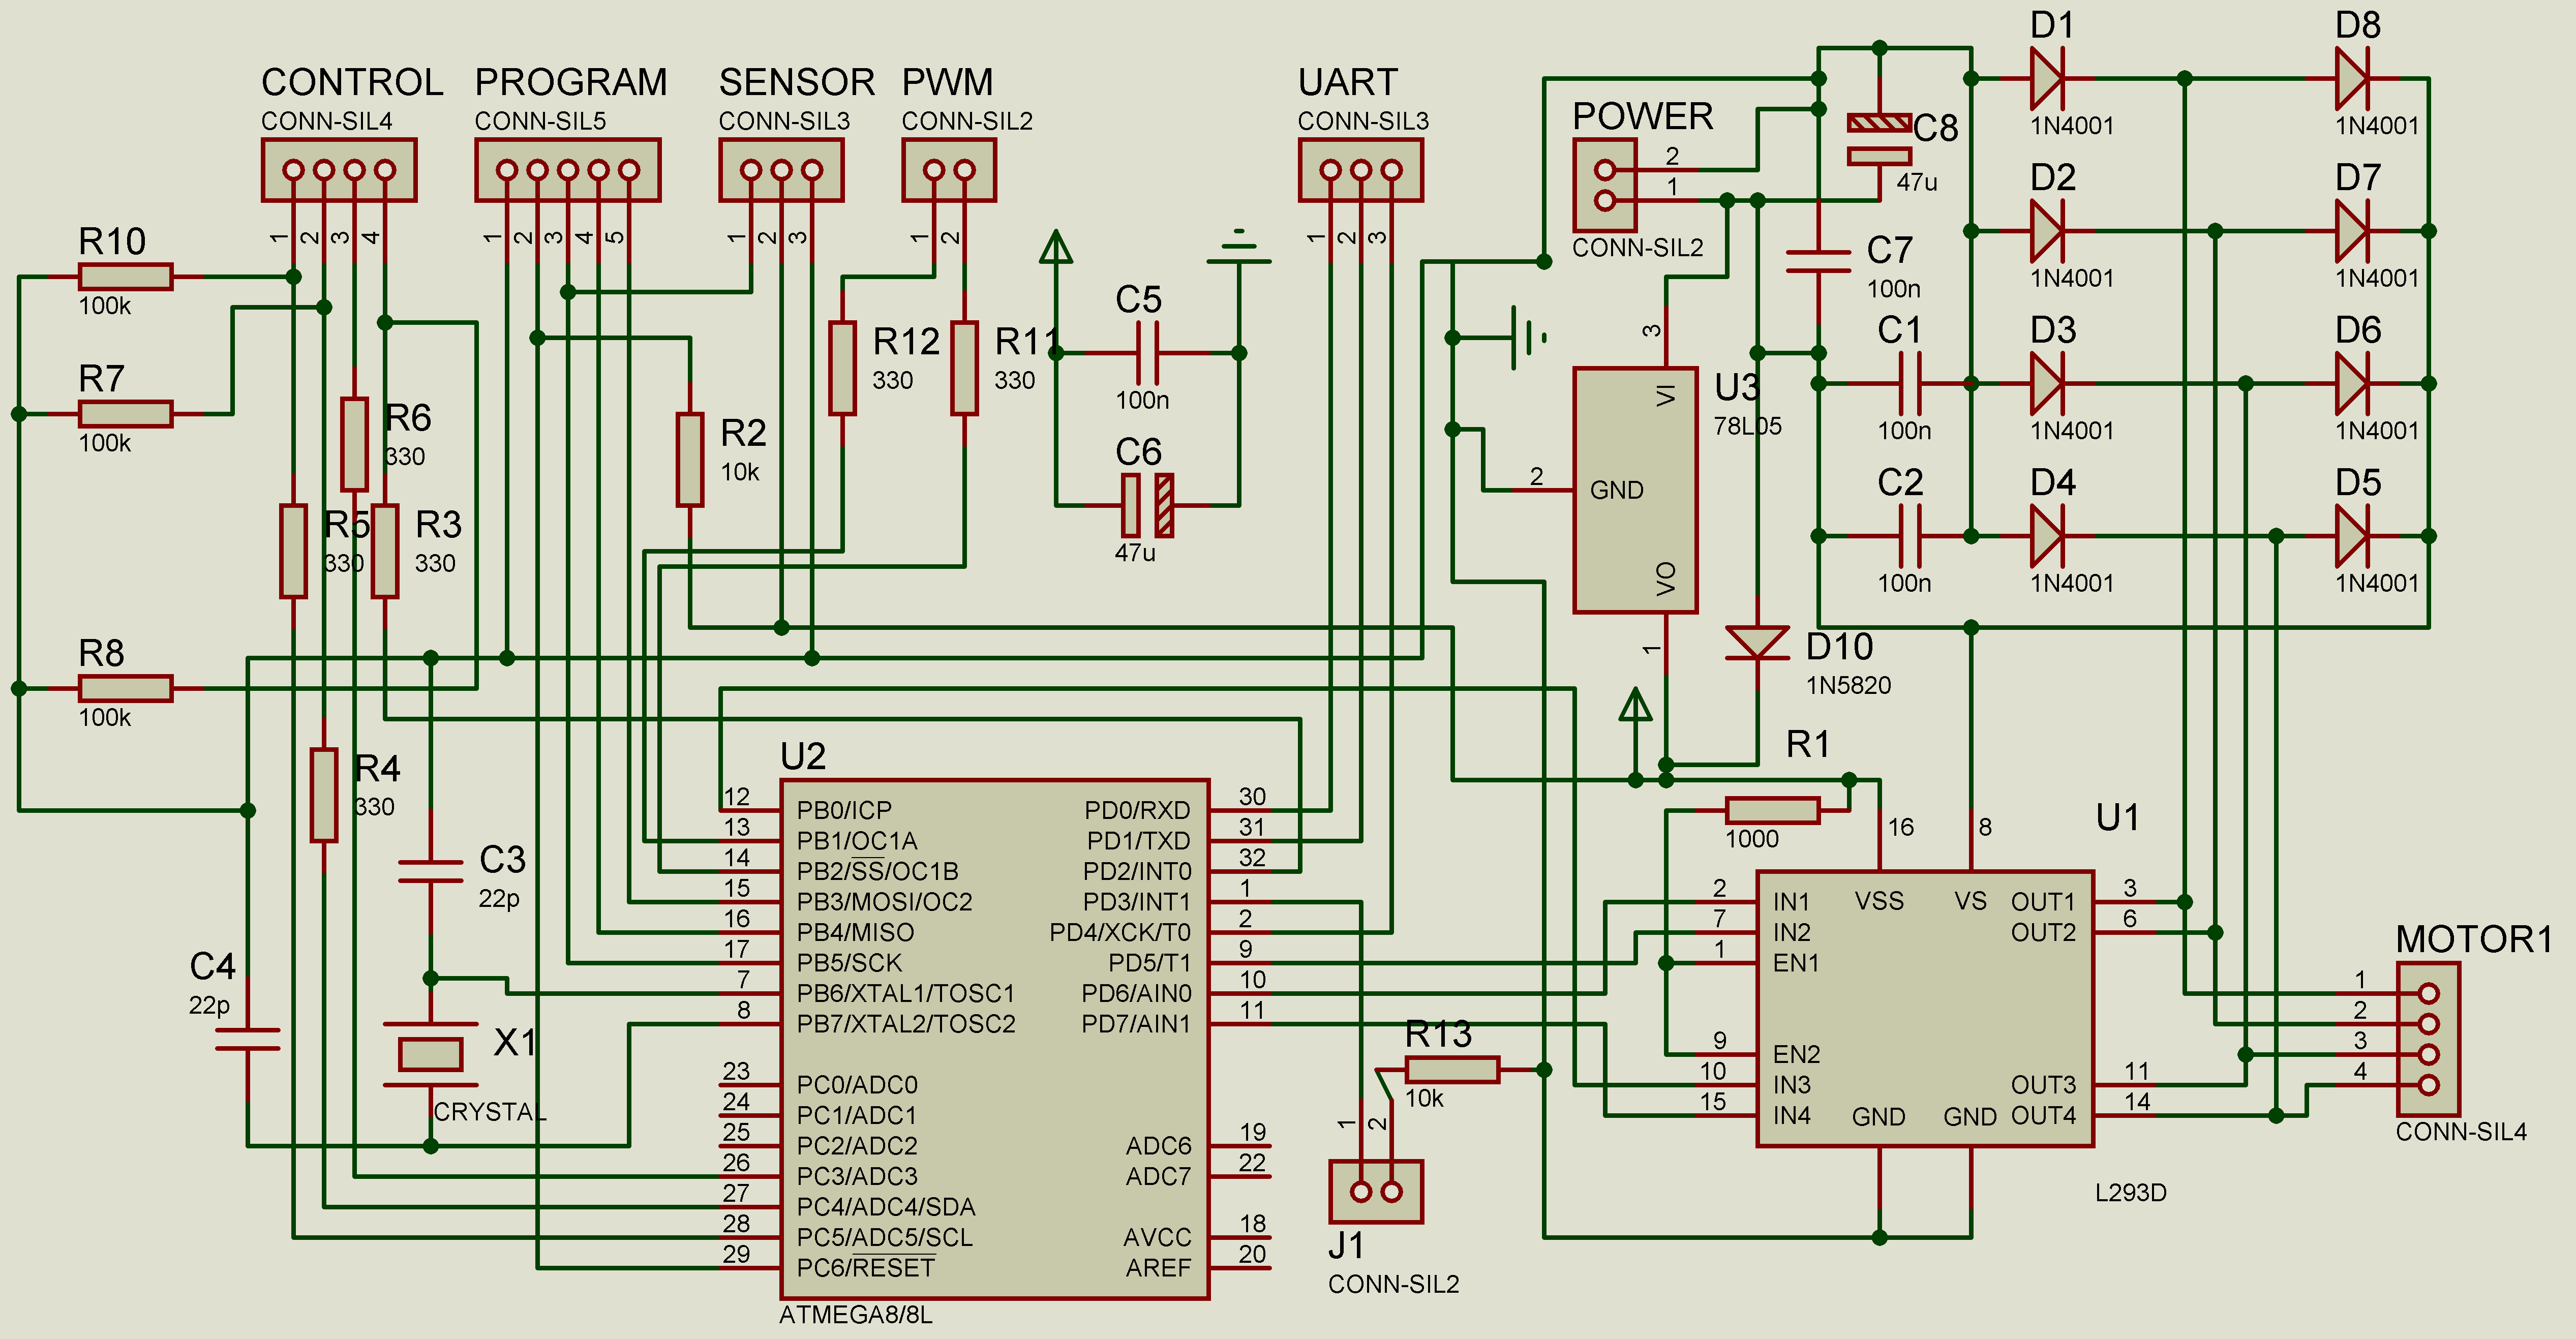 схема подключения шагового двигателя принтера